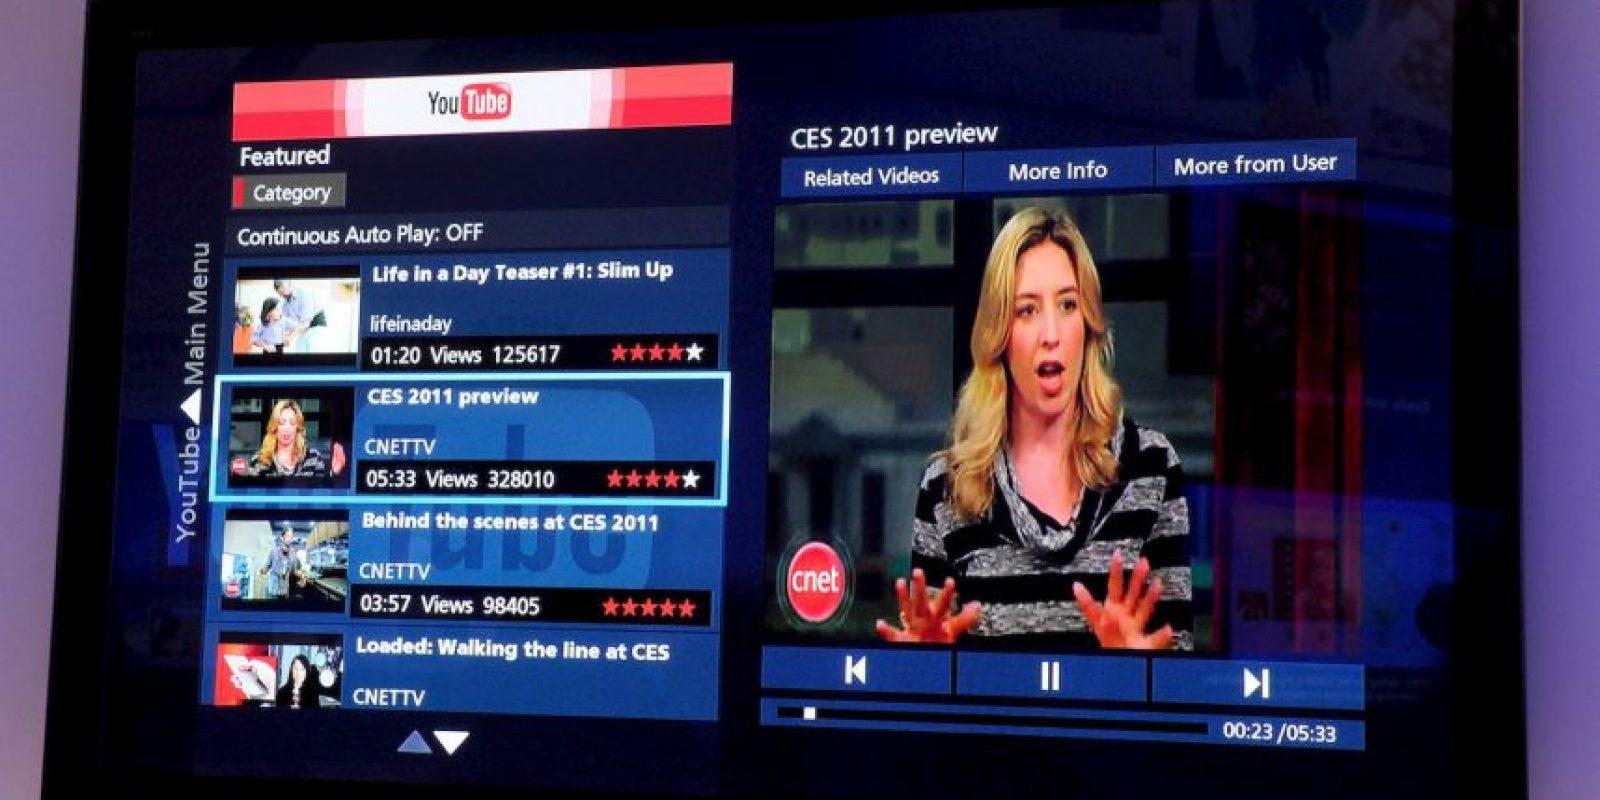 La plataforma suele utilizarse como sustento de nuevas propuestas audiovisuales, como canales de tv y contenido emergente. Foto:Getty Images